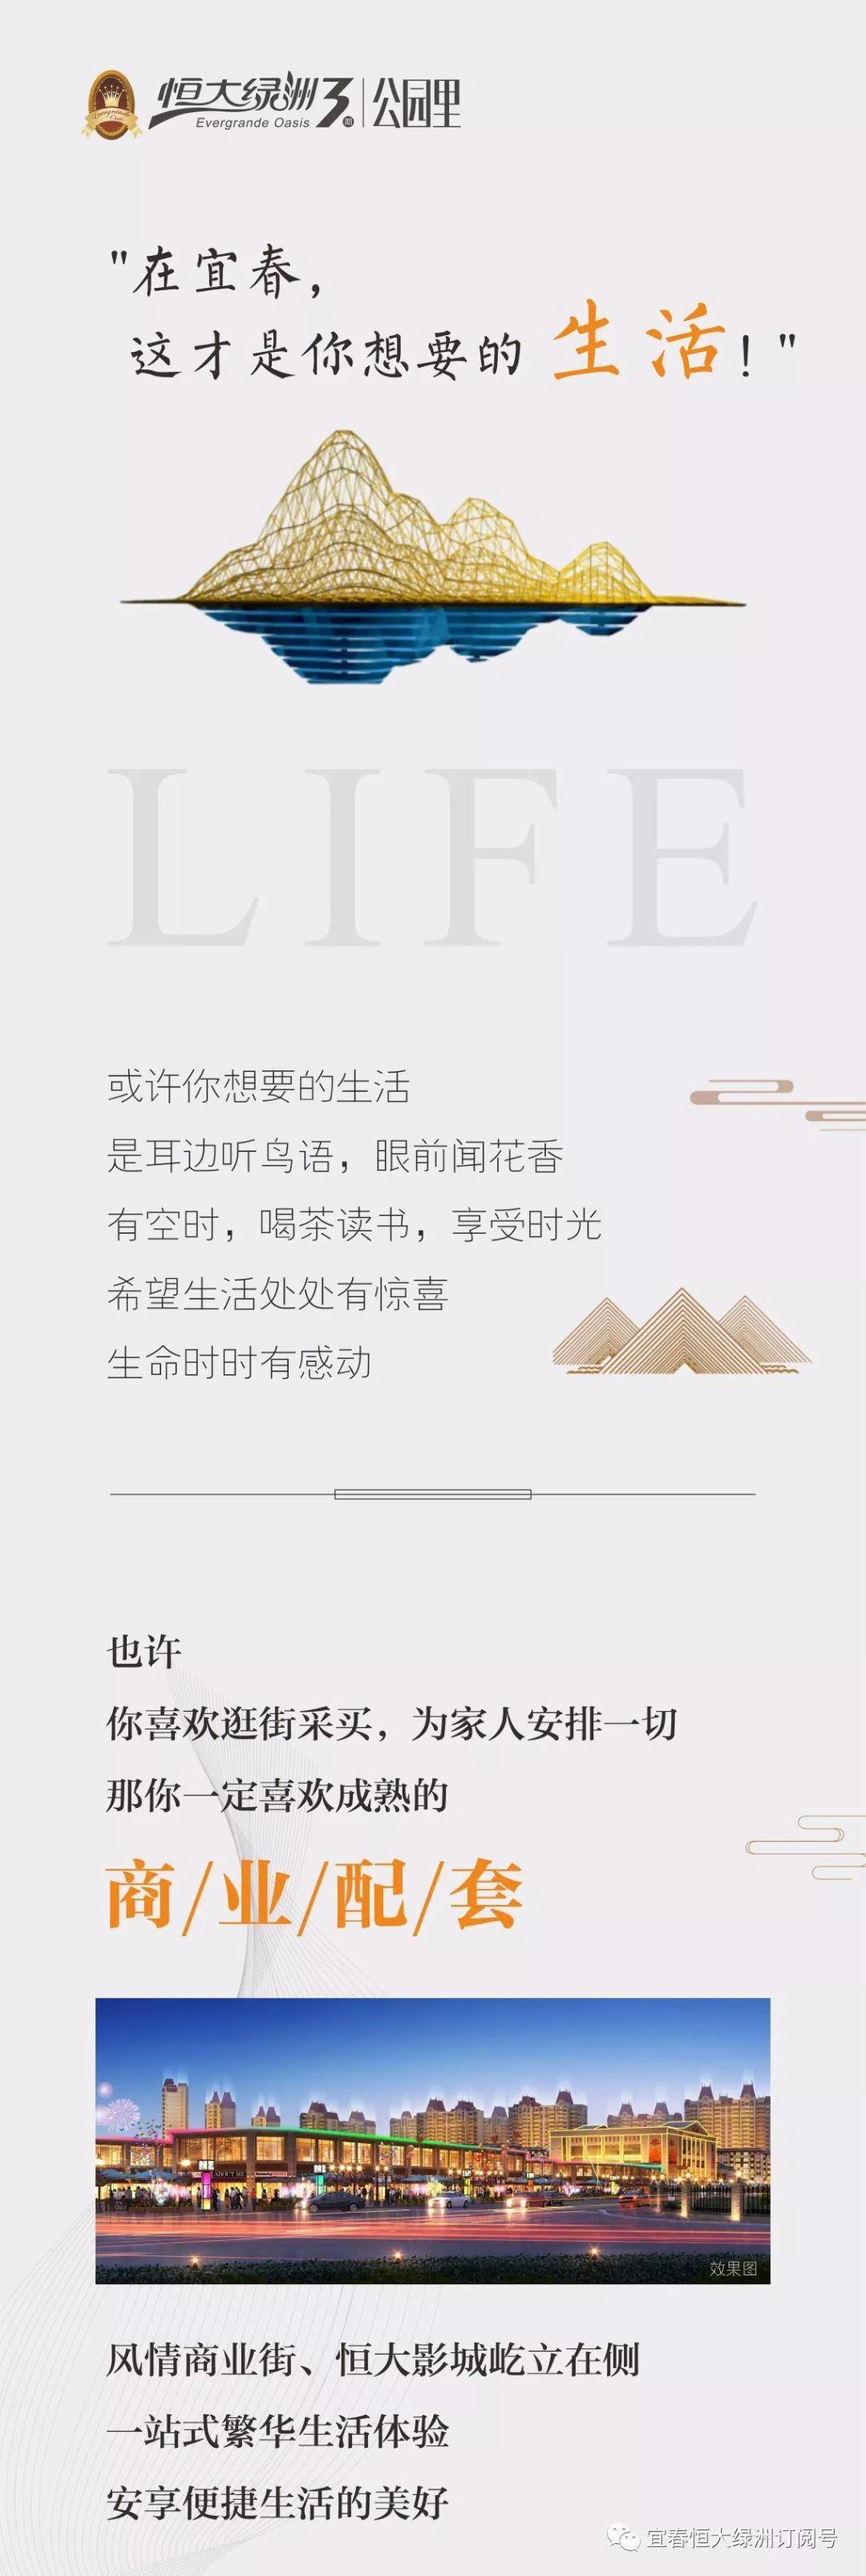 在宜春, 这才是你想要的生活!